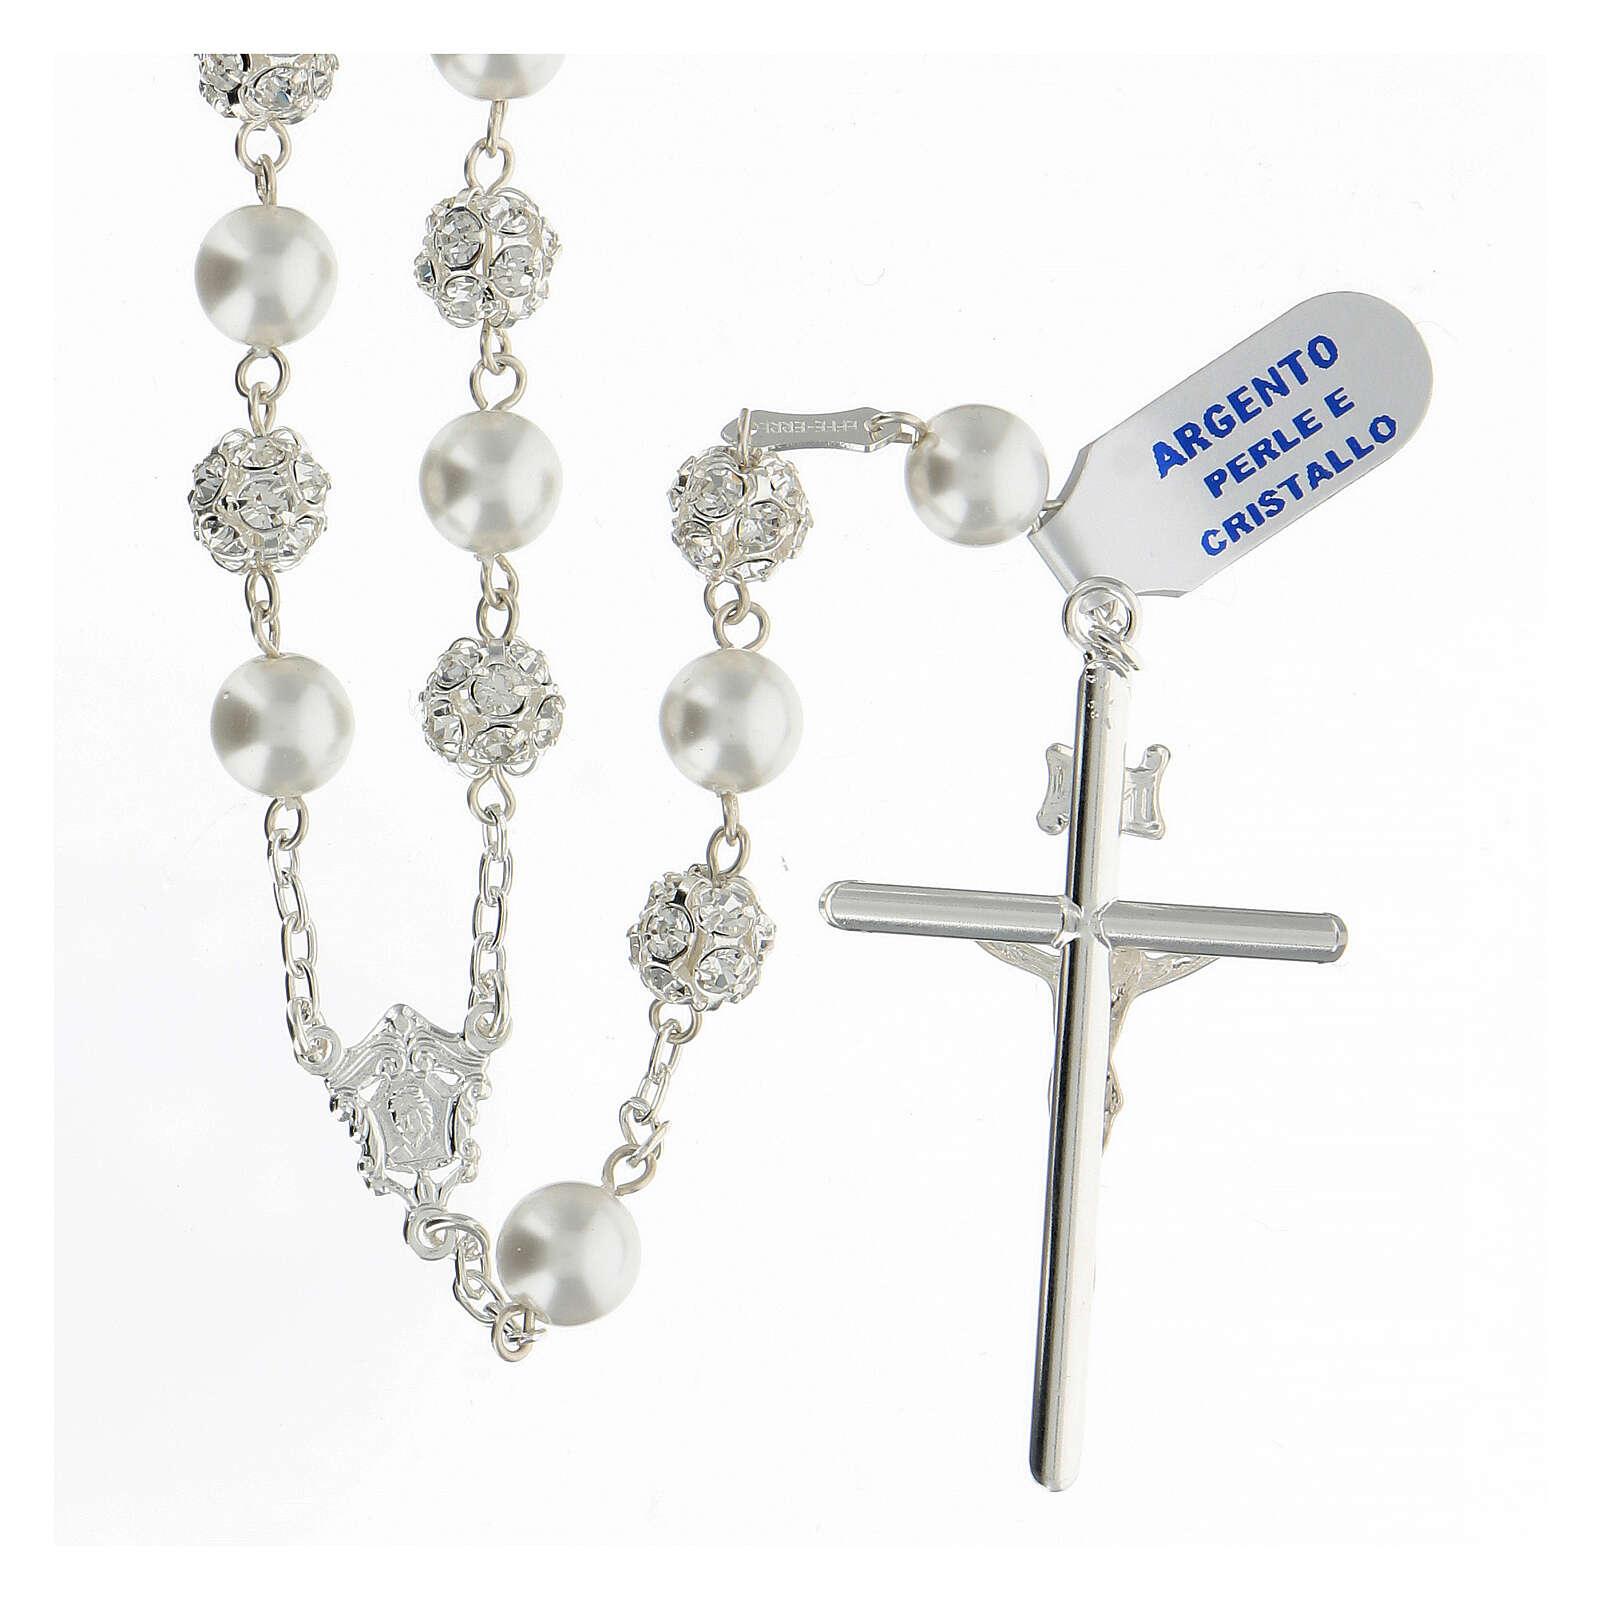 Terço prata 925 com contas pérolas e cristal 8 mm e passador com passador Nossa Senhora e Jesus 4